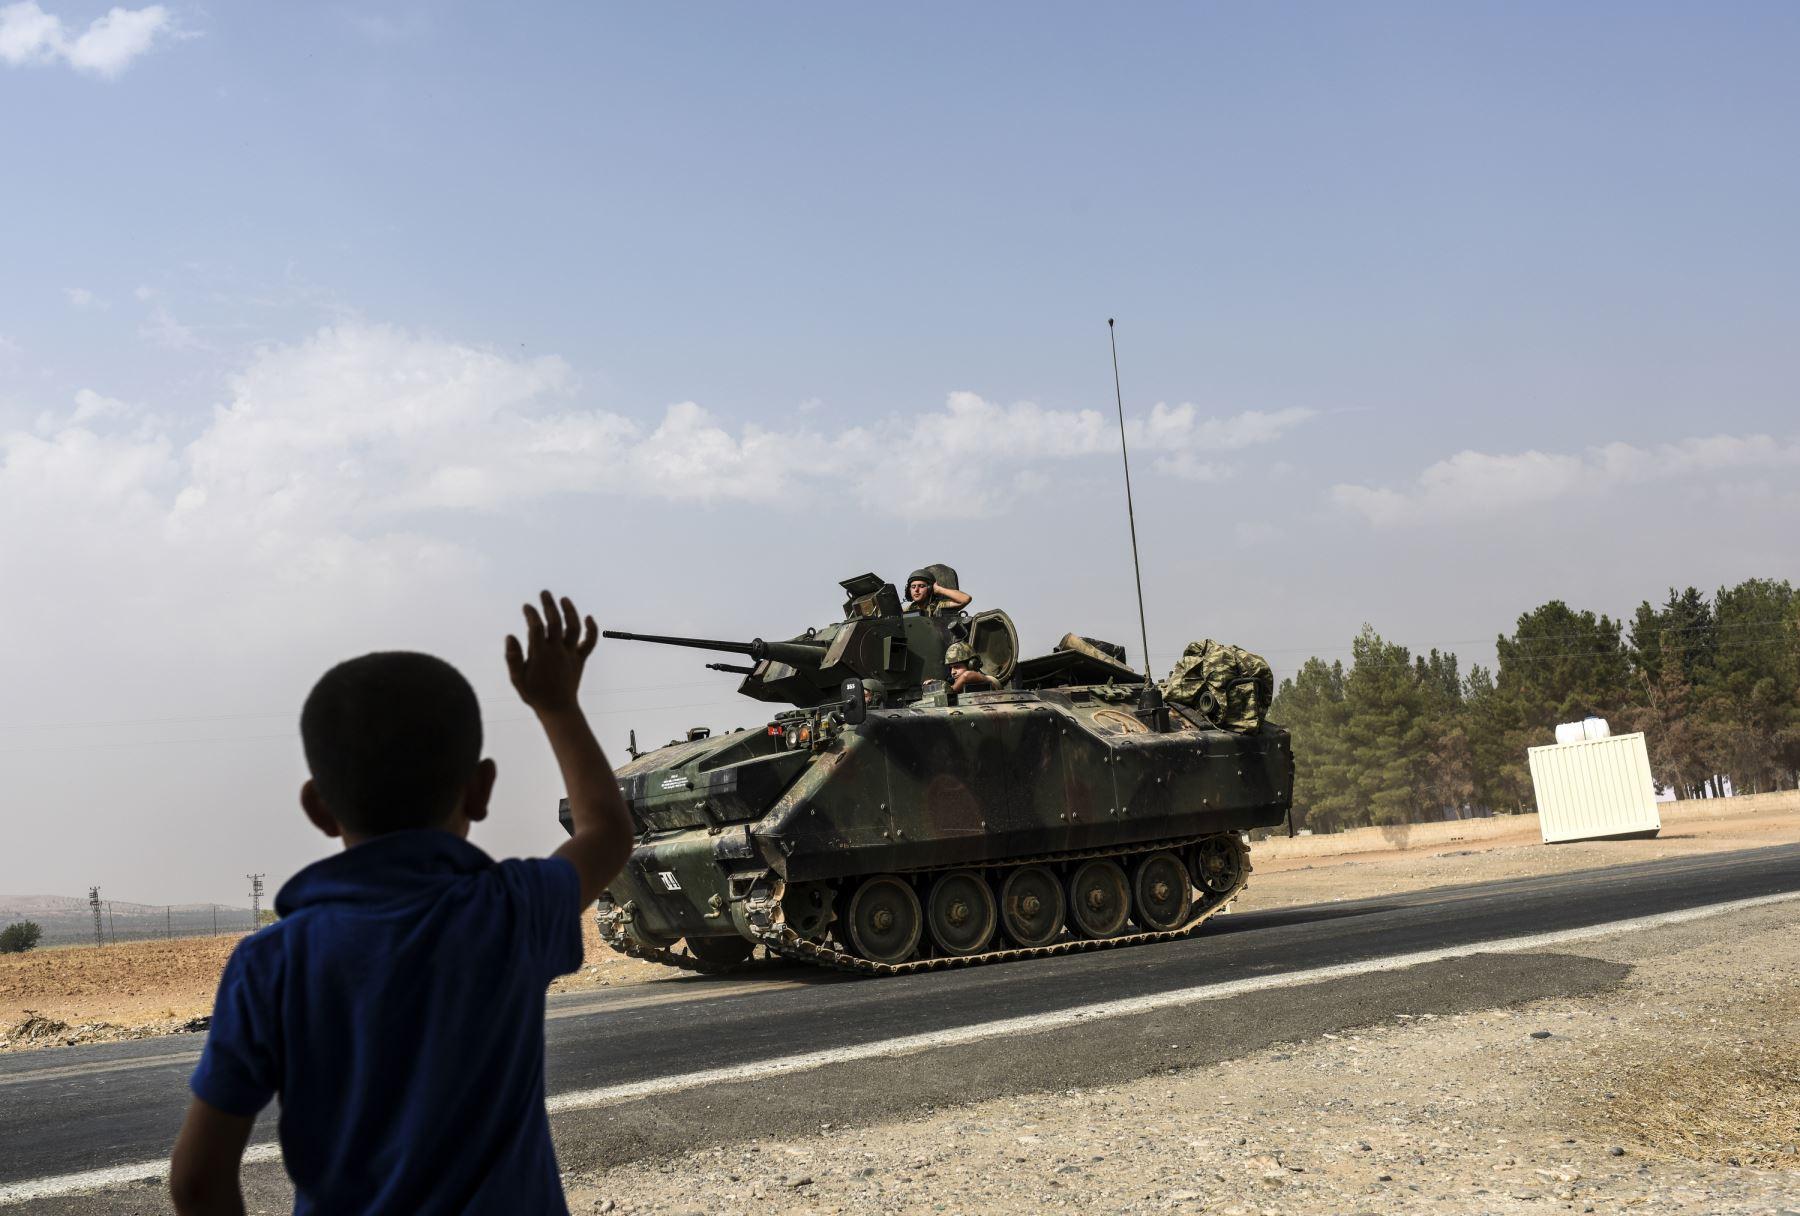 Un muchacho saluda  a convoy tanque turco que conduce en Siria desde la ciudad fronteriza turca de Siria Karkamış en la región sur de Gaziantep Foto: AFP